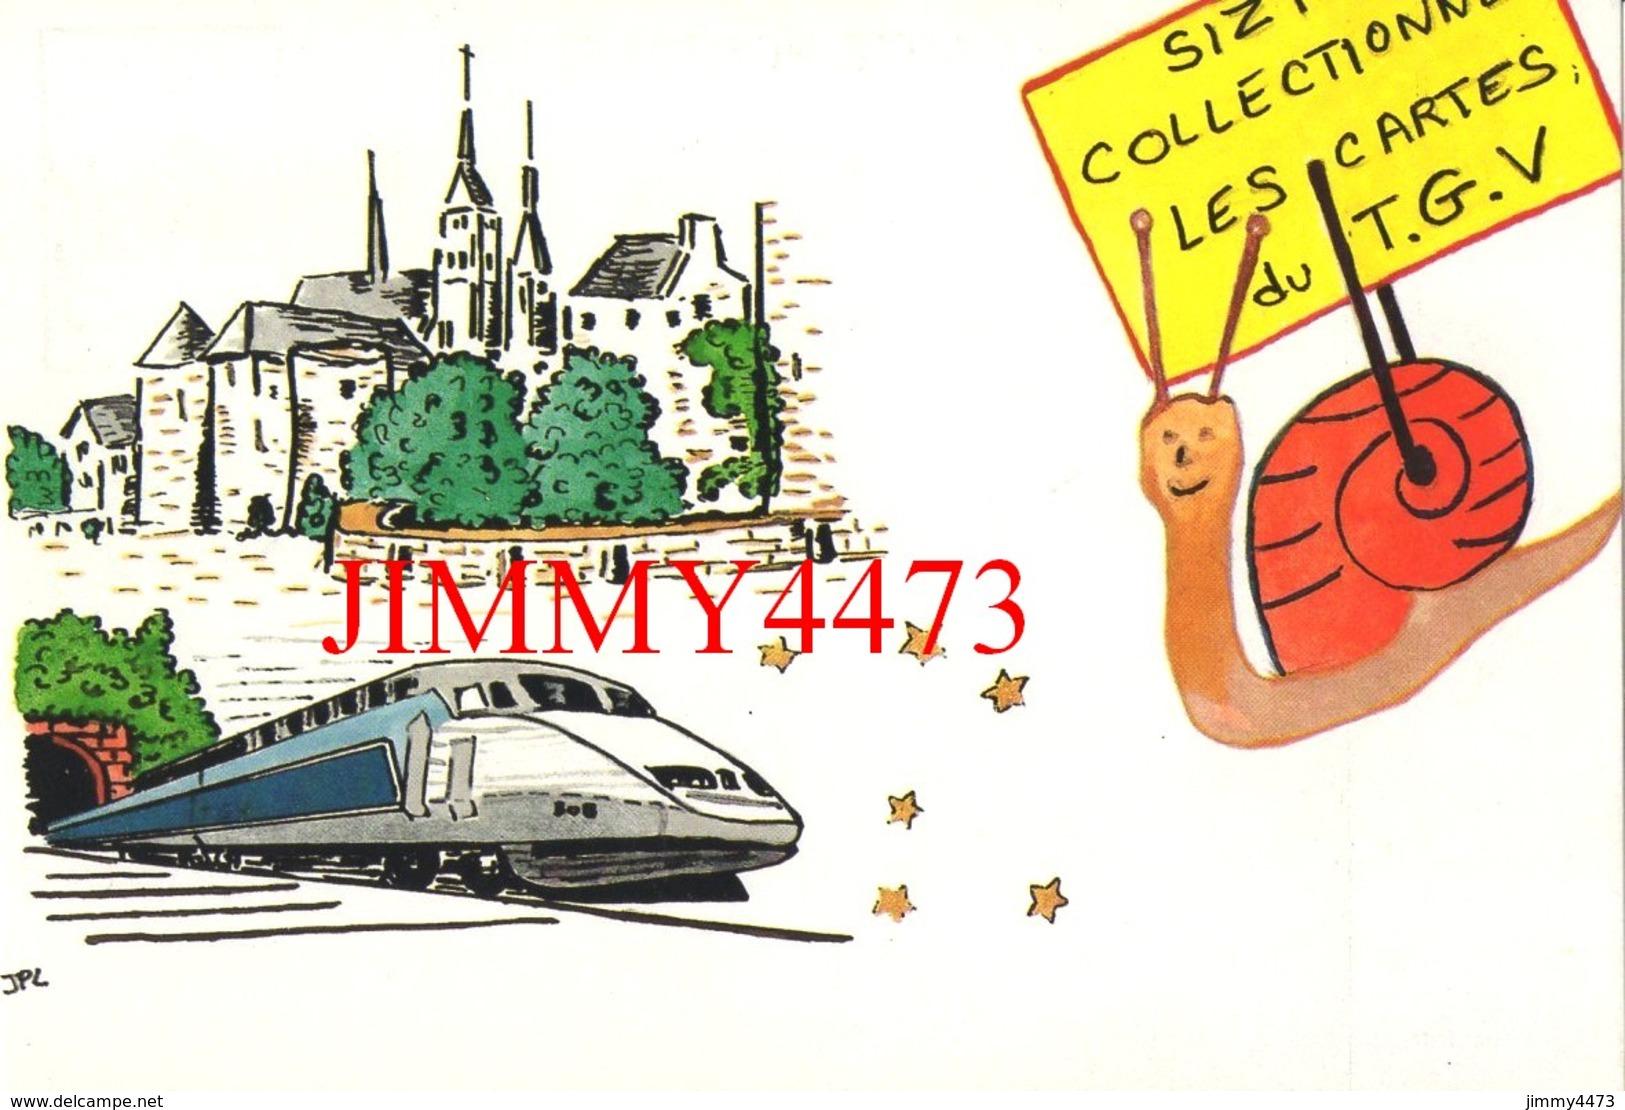 CPM - SIZI Collectionne Les Cartes Du T.G.V. - Illust. Françoise Marchand - Edit. Des Escargophiles - Trains